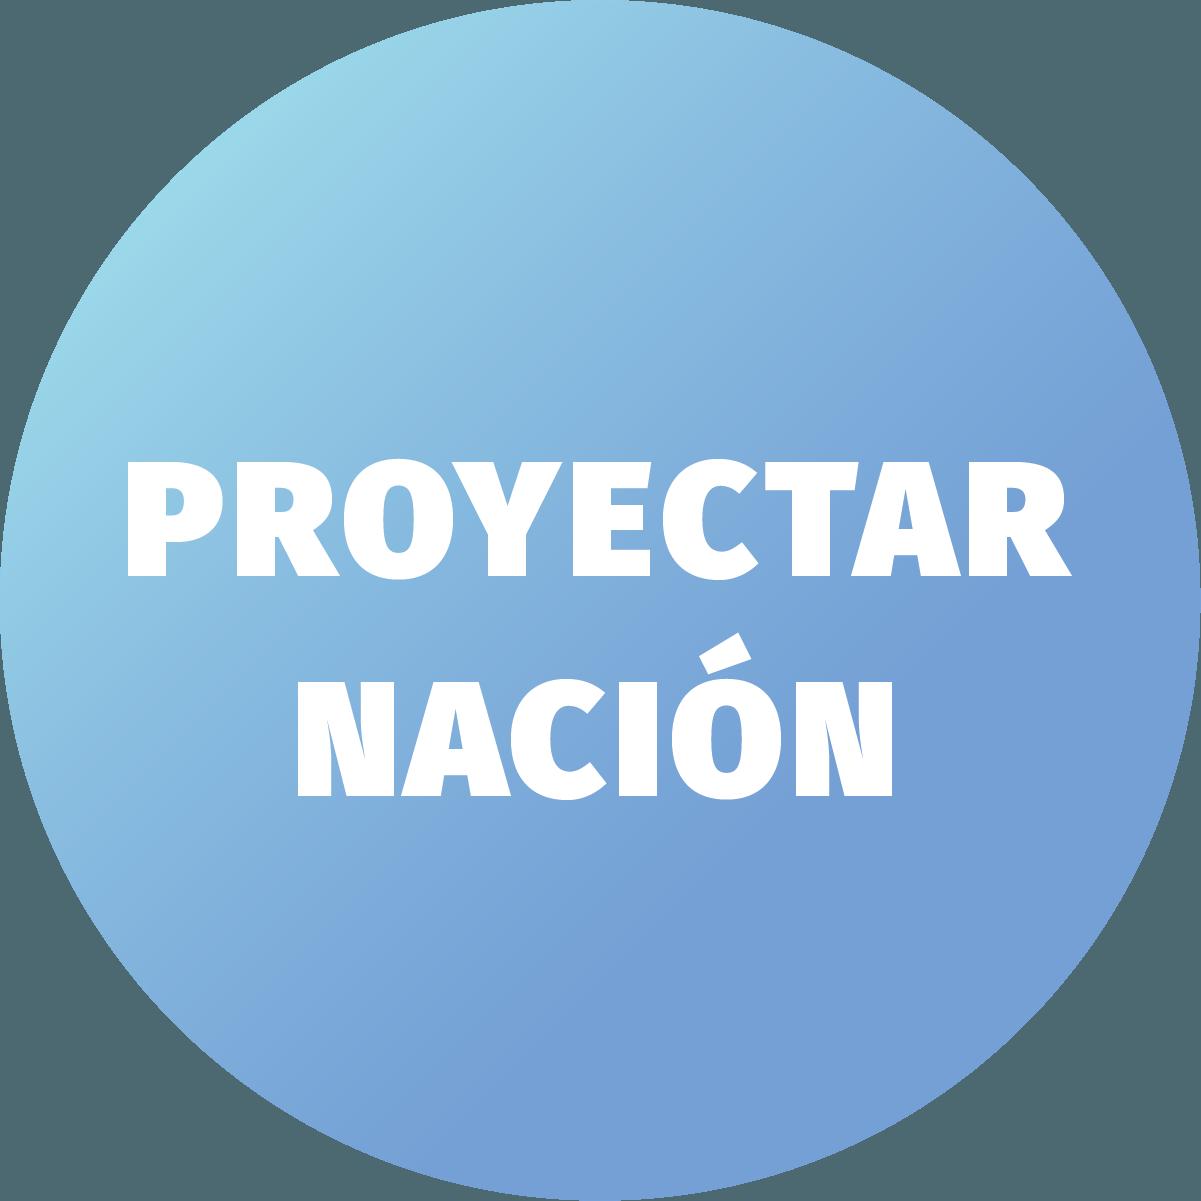 Proyectar Nación – Revista Digital - Diseño editorial, dirección de arte y community management durante el período 2014-2016.